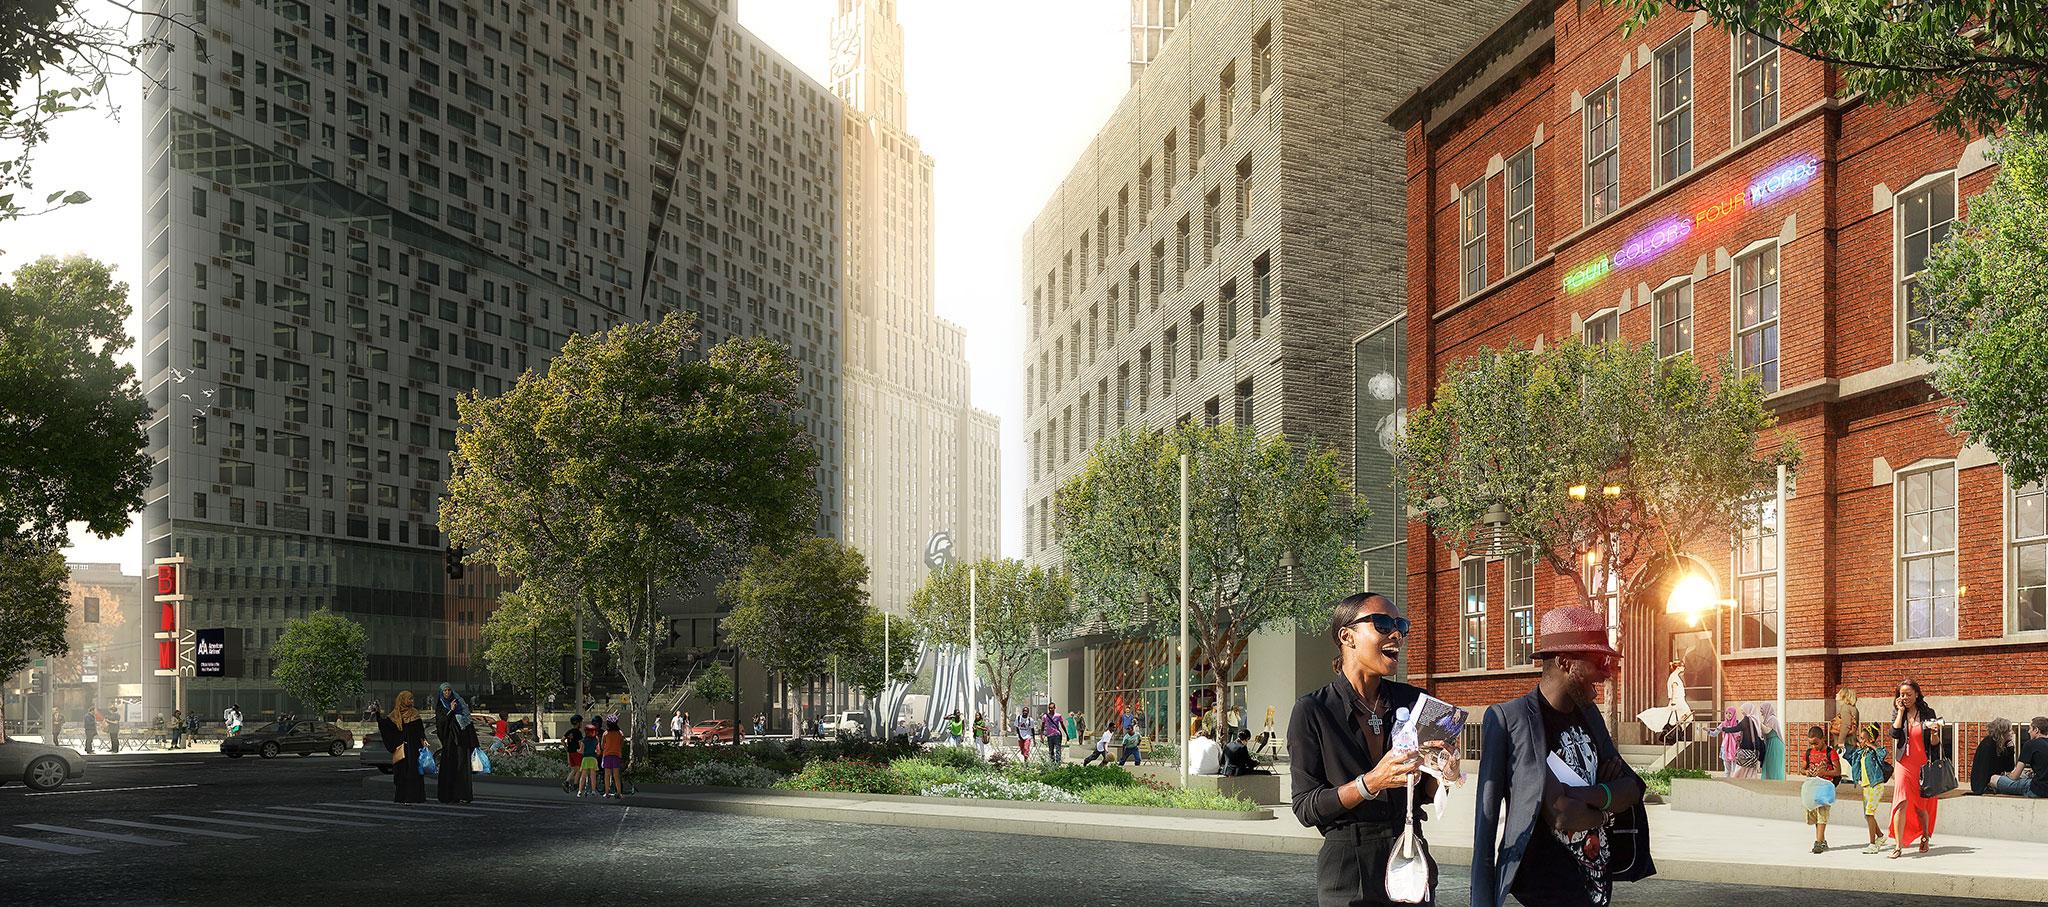 80 Flatbush, una propuesta de usos mixtos en downtown Brooklyn. Cortesía de 80 Flatbush